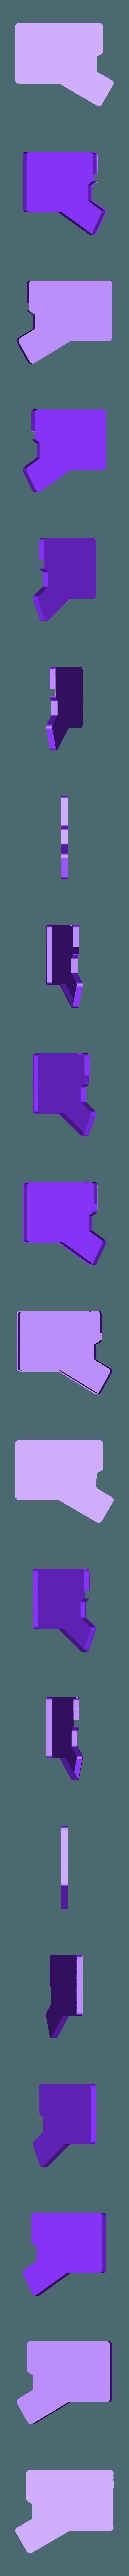 project-zen-left-resized.stl Télécharger fichier SCAD gratuit Cas du clavier Zen Project • Plan imprimable en 3D, rsheldiii